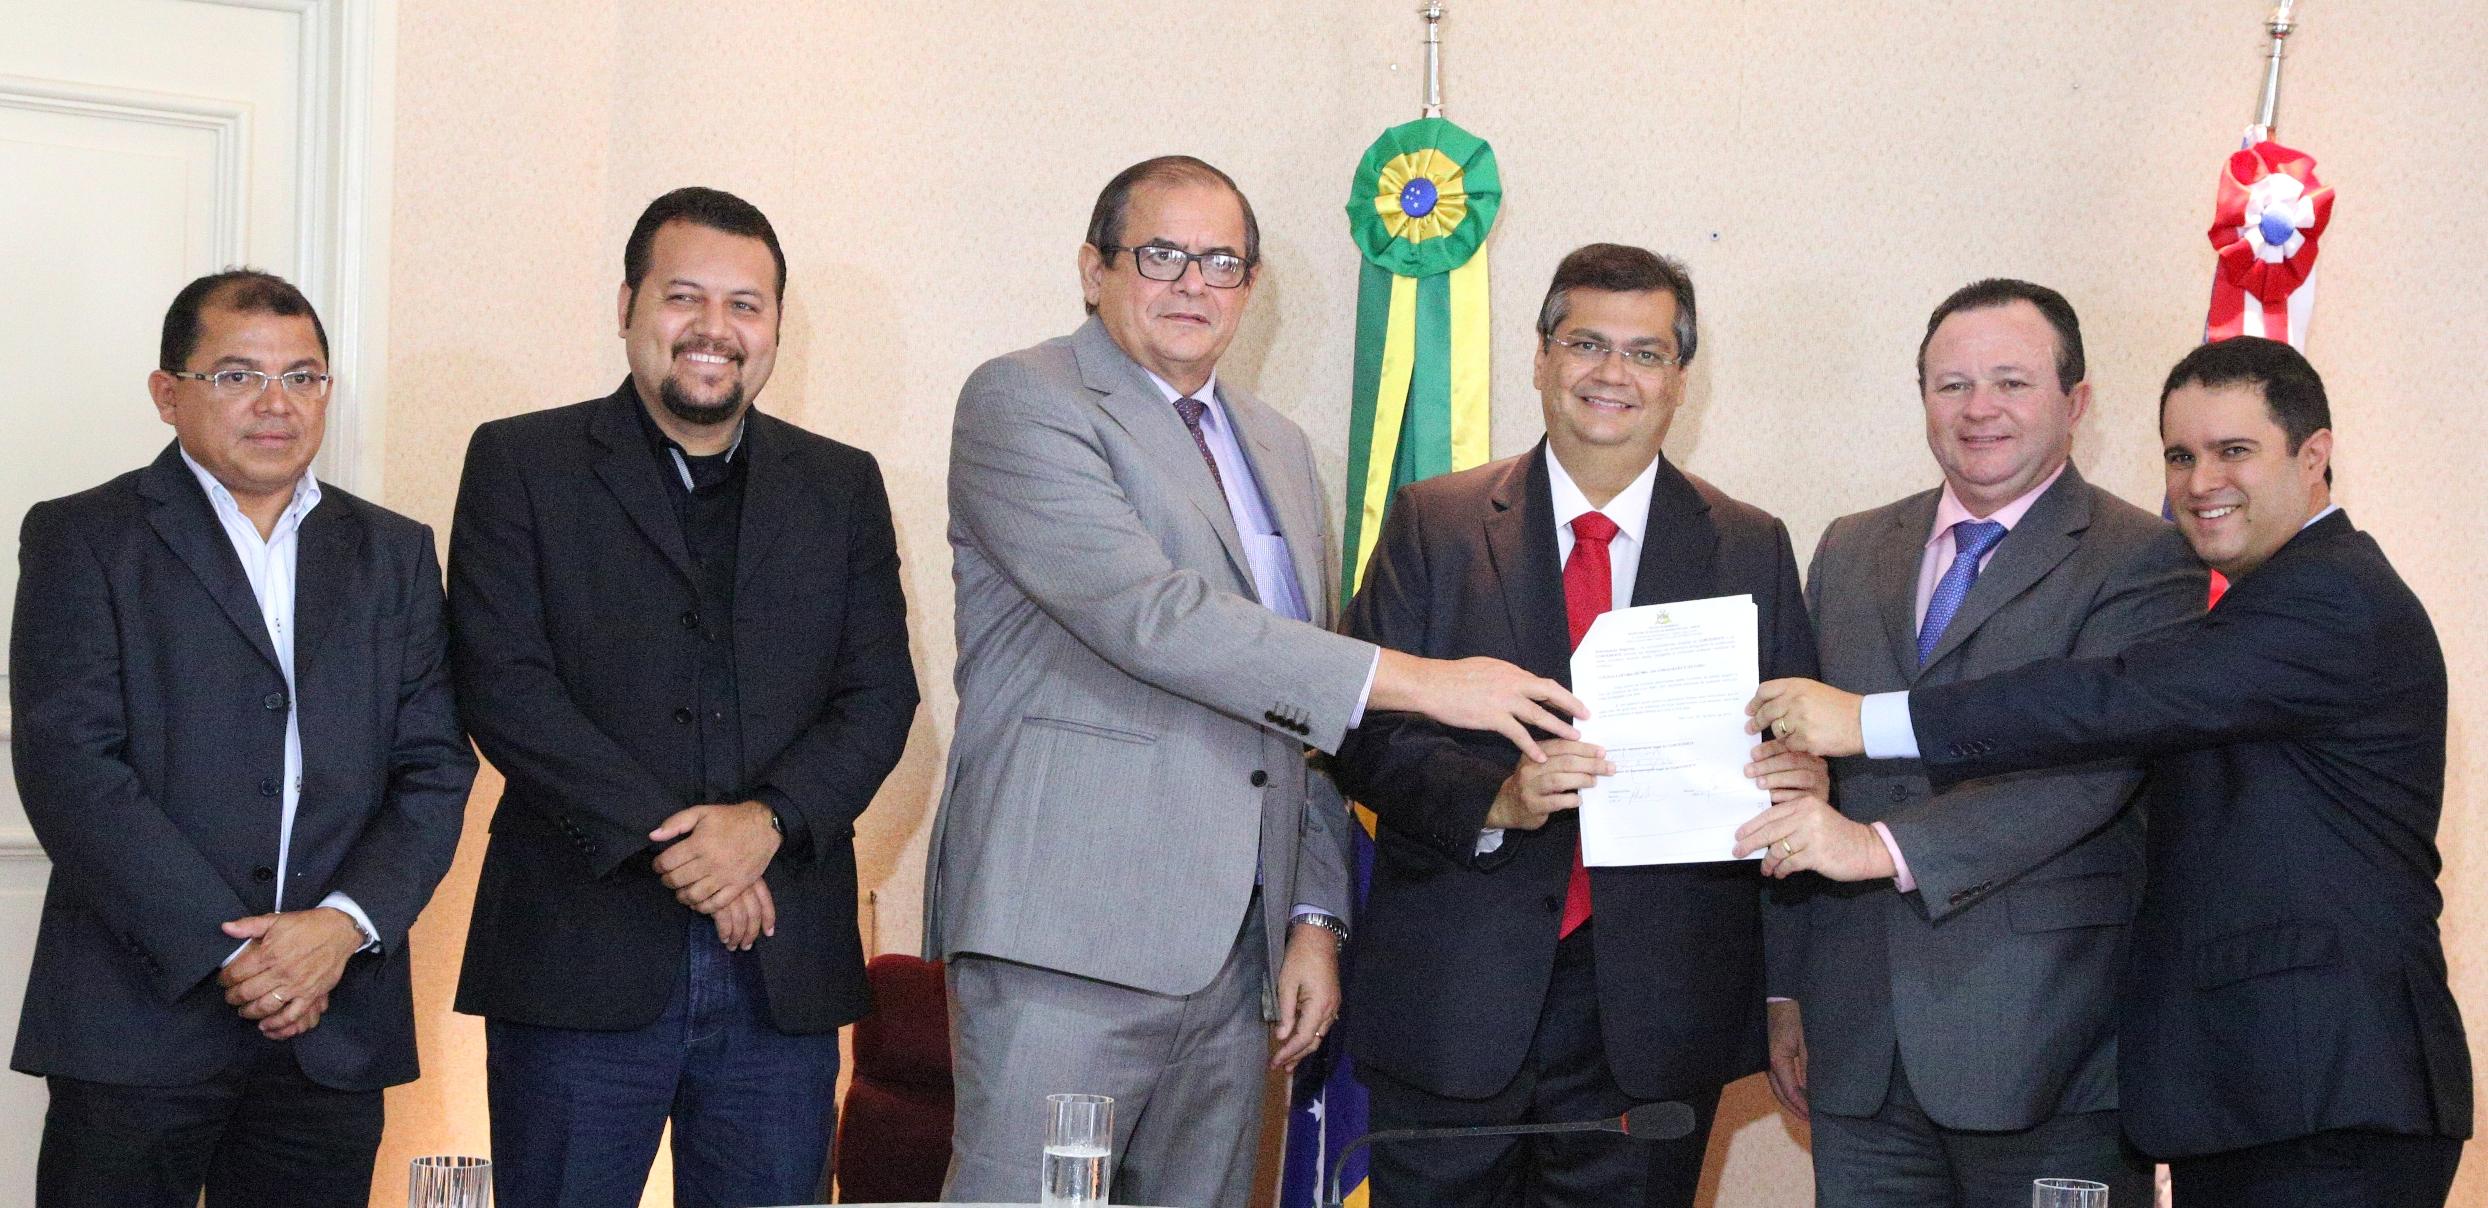 Convênio de R$ 20,6 milhões pavimentará vias da capital